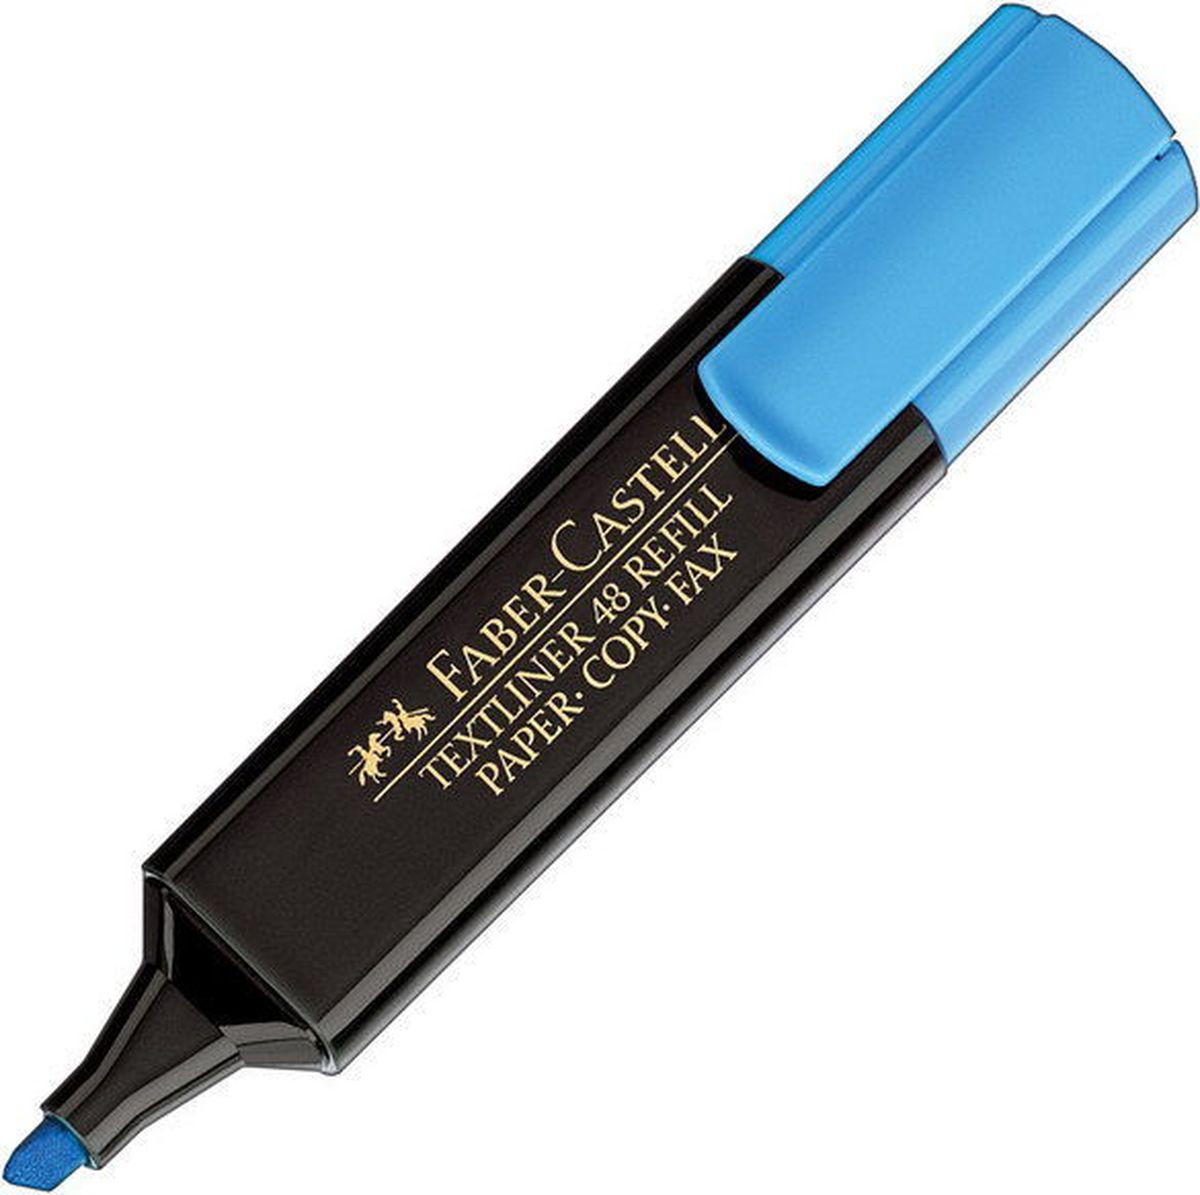 Faber-Castell Текстовыделитель 1548 цвет синий154851Текстовыделитель 1548,• очень качественный маркер • возможность повторного наполнения • чернила на водной основе • идеален для всех видов бумаги • линия маркировки шириной 5, 2 или 1 мм • 6 интенсивных цветов